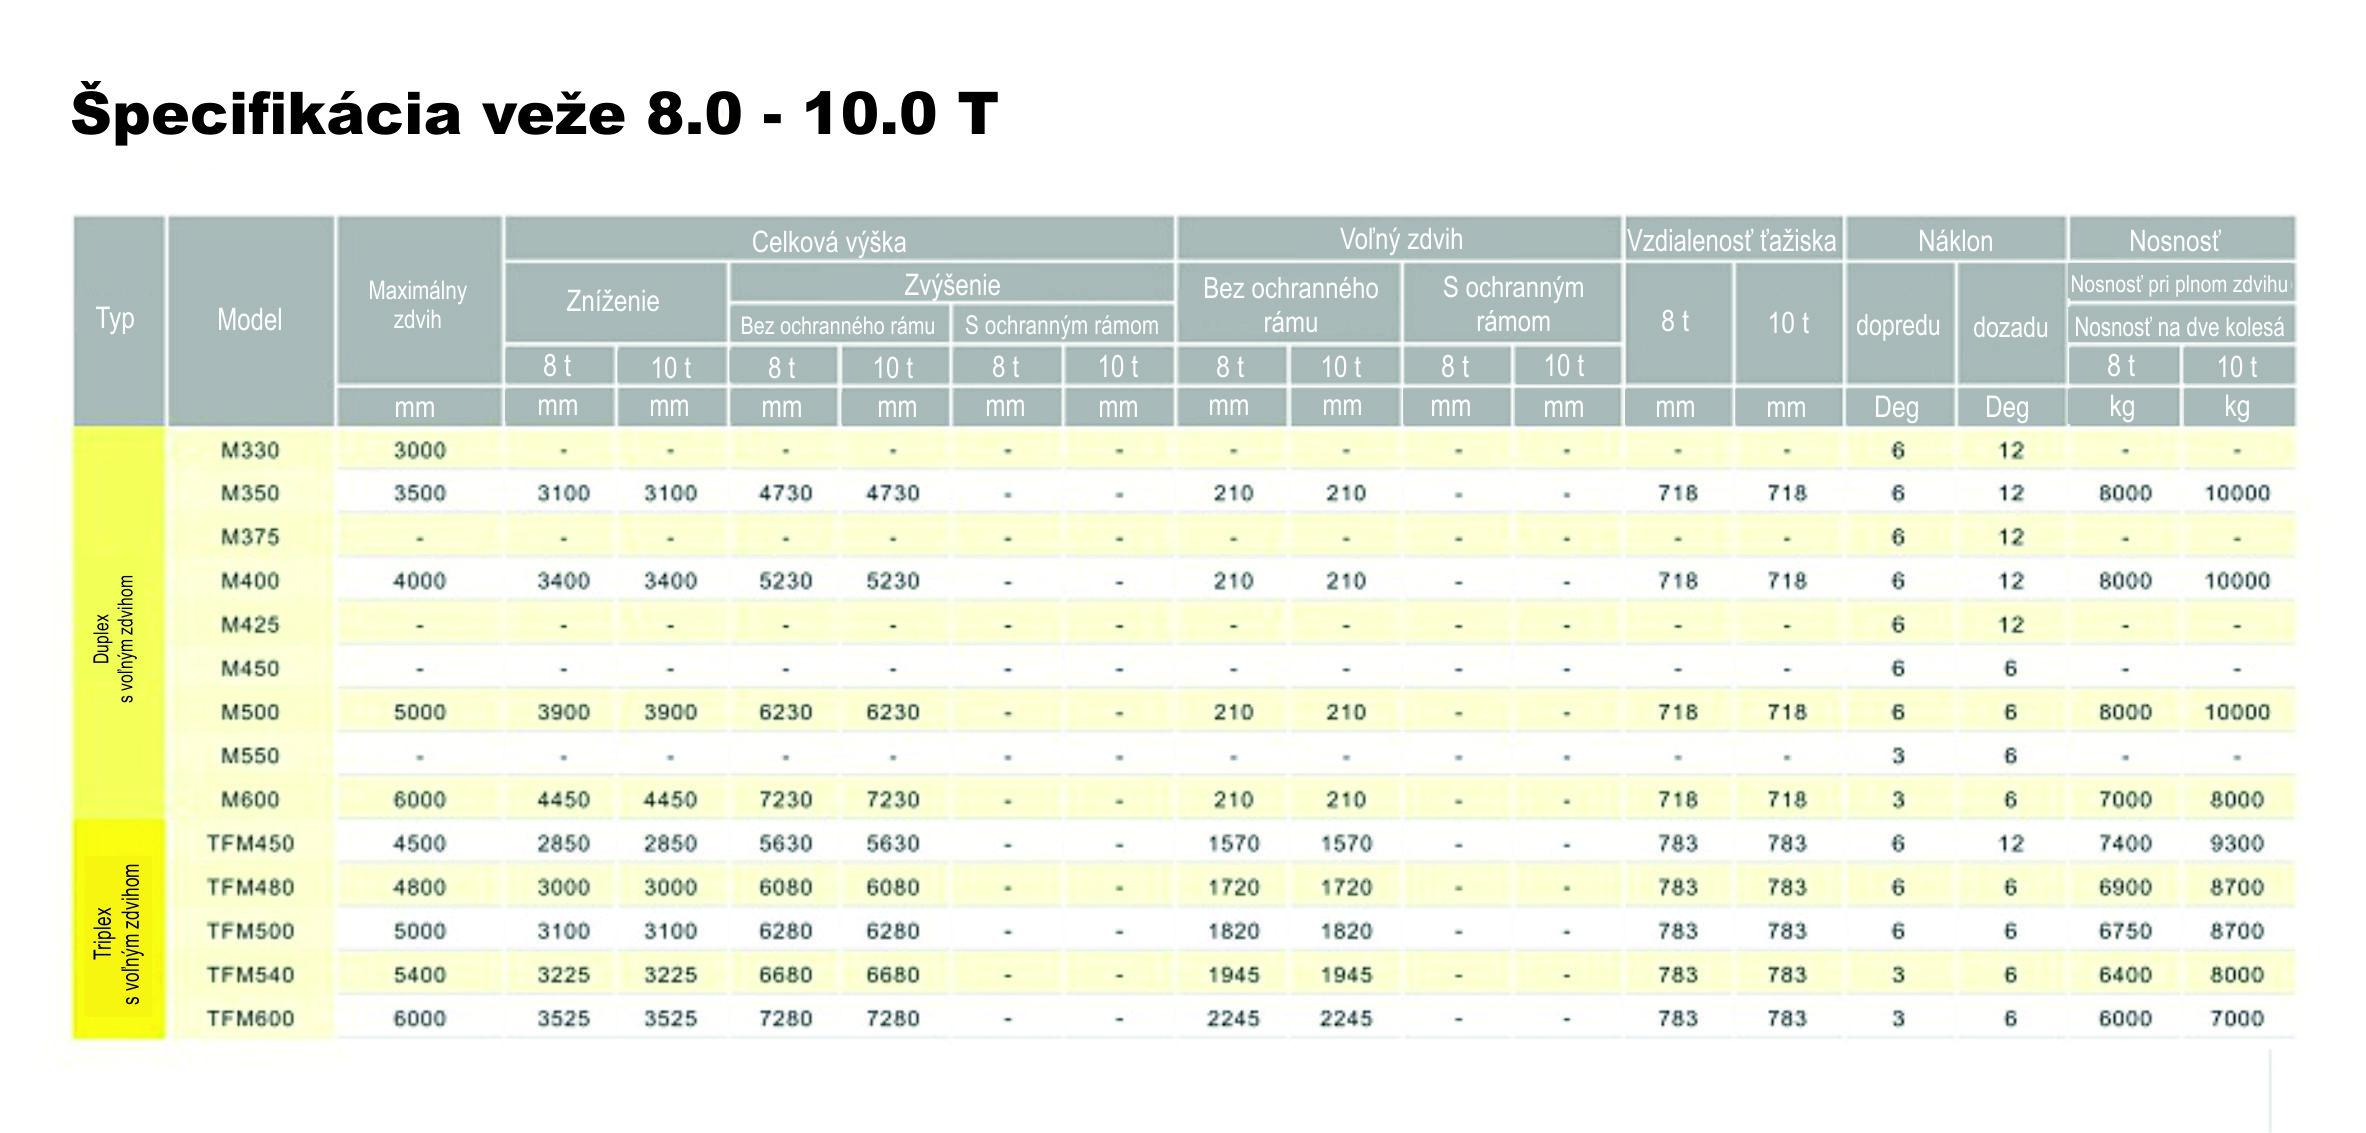 Špecifikácia veže_diesel_8.0 - 10.0 T